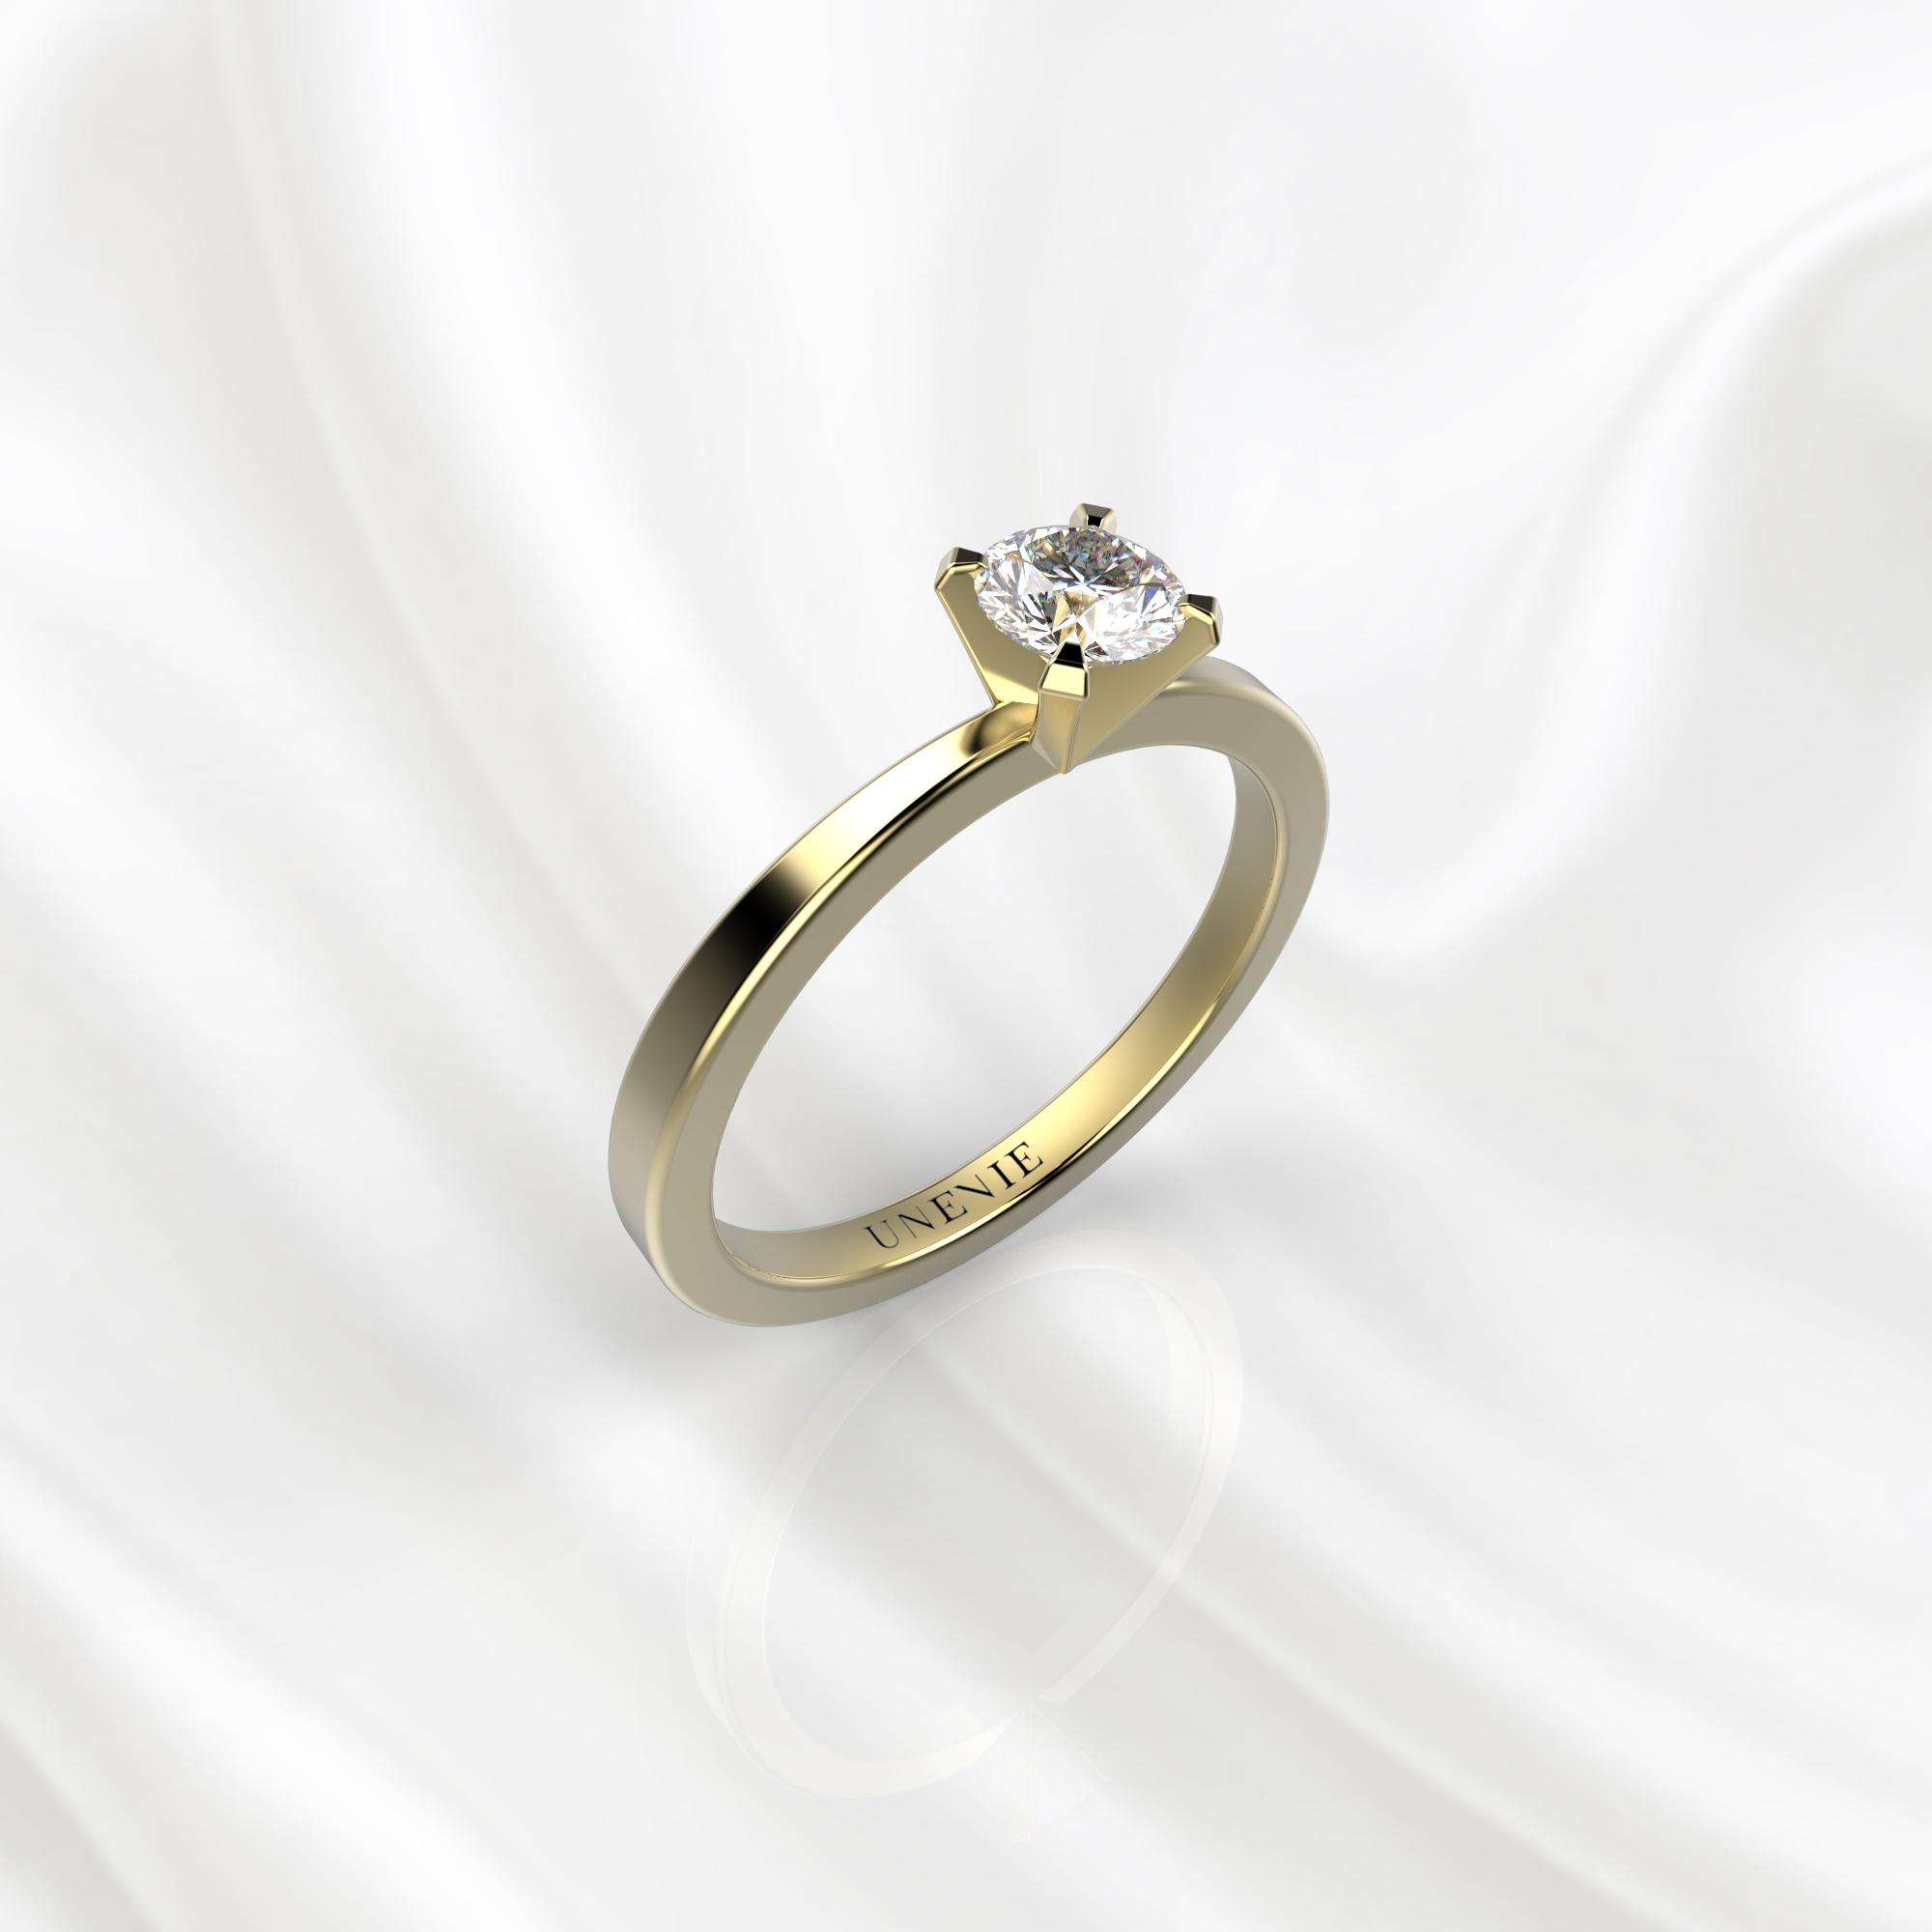 N24 Помолвочное кольцо из желтого золота с бриллиантом 0.28 карат